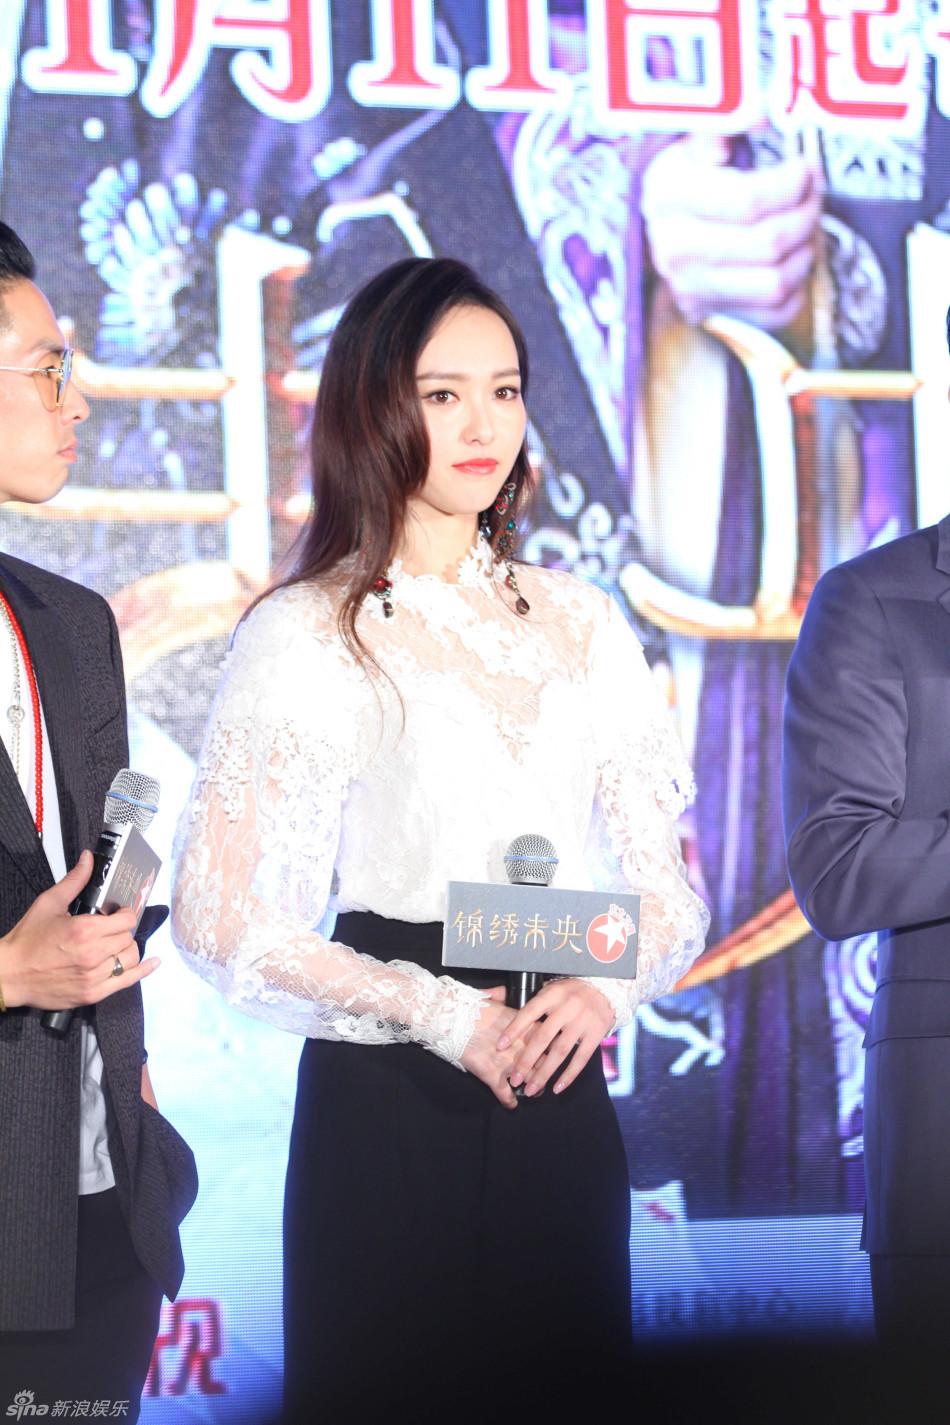 《锦绣未央》举行发布唐嫣情趣蕾丝超瘦姐黑色白衣蕾丝图片御图片